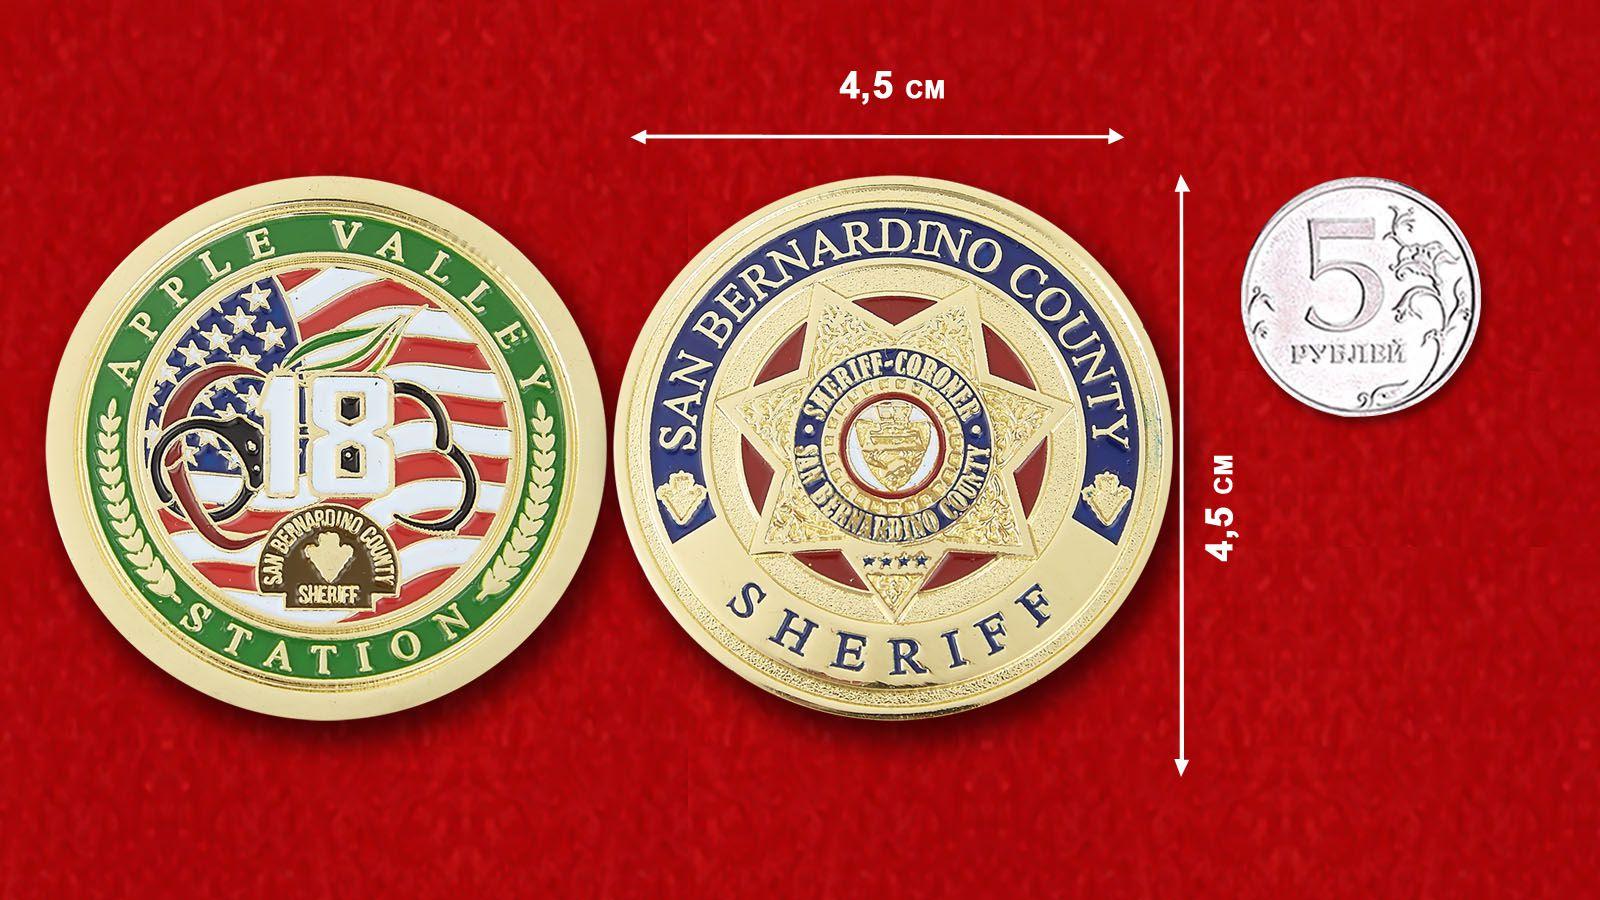 Челлендж коин Шерифа округа Сан-Бернандино - сравнительный размер